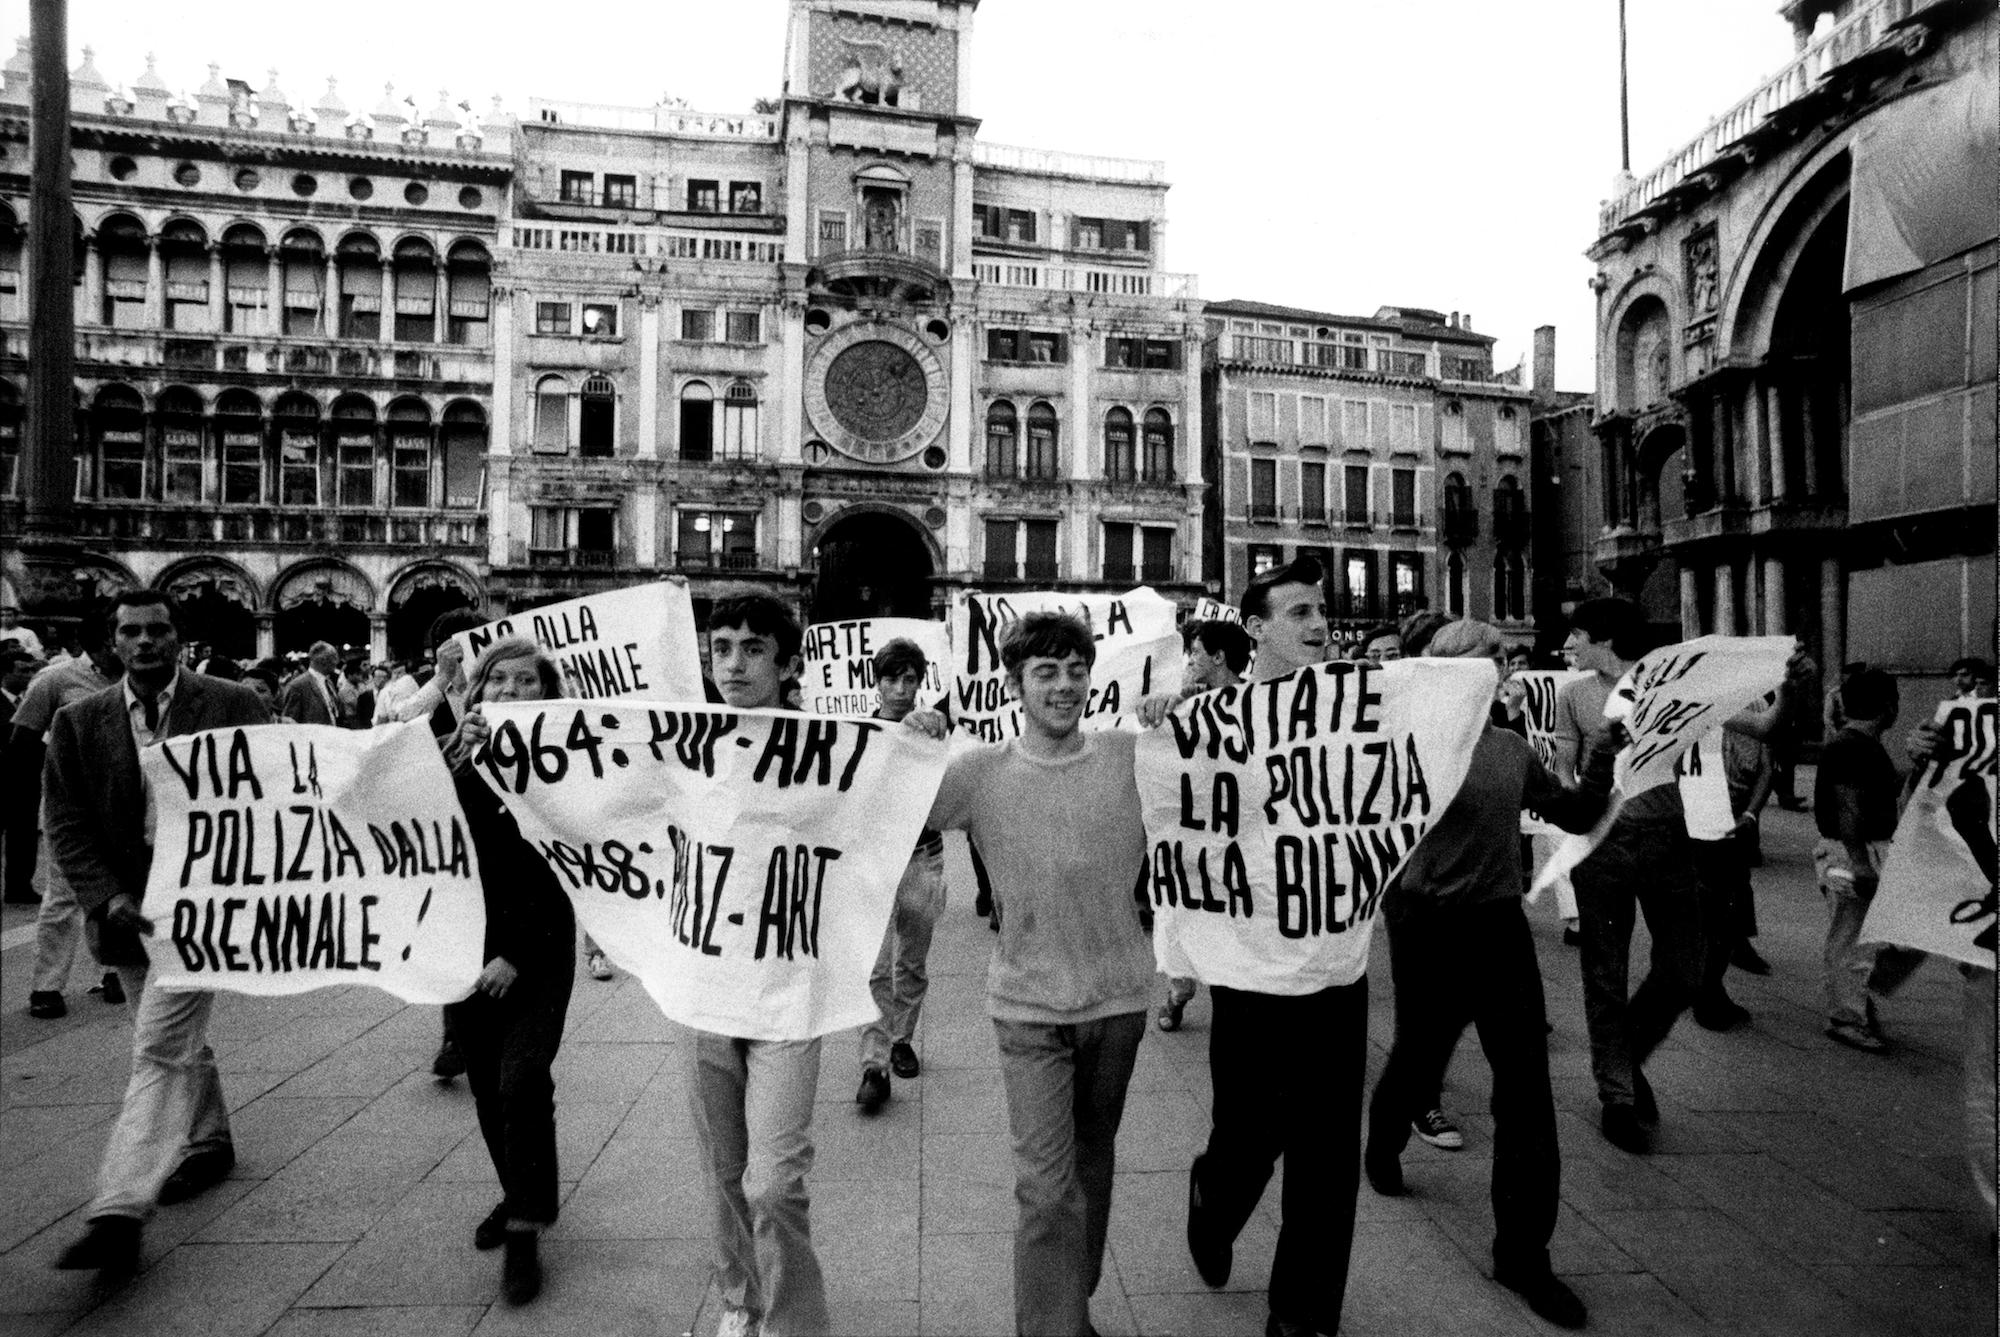 Proteste studentesche alla Biennale di Venezia, 1968. Foto di Ugo Mulas